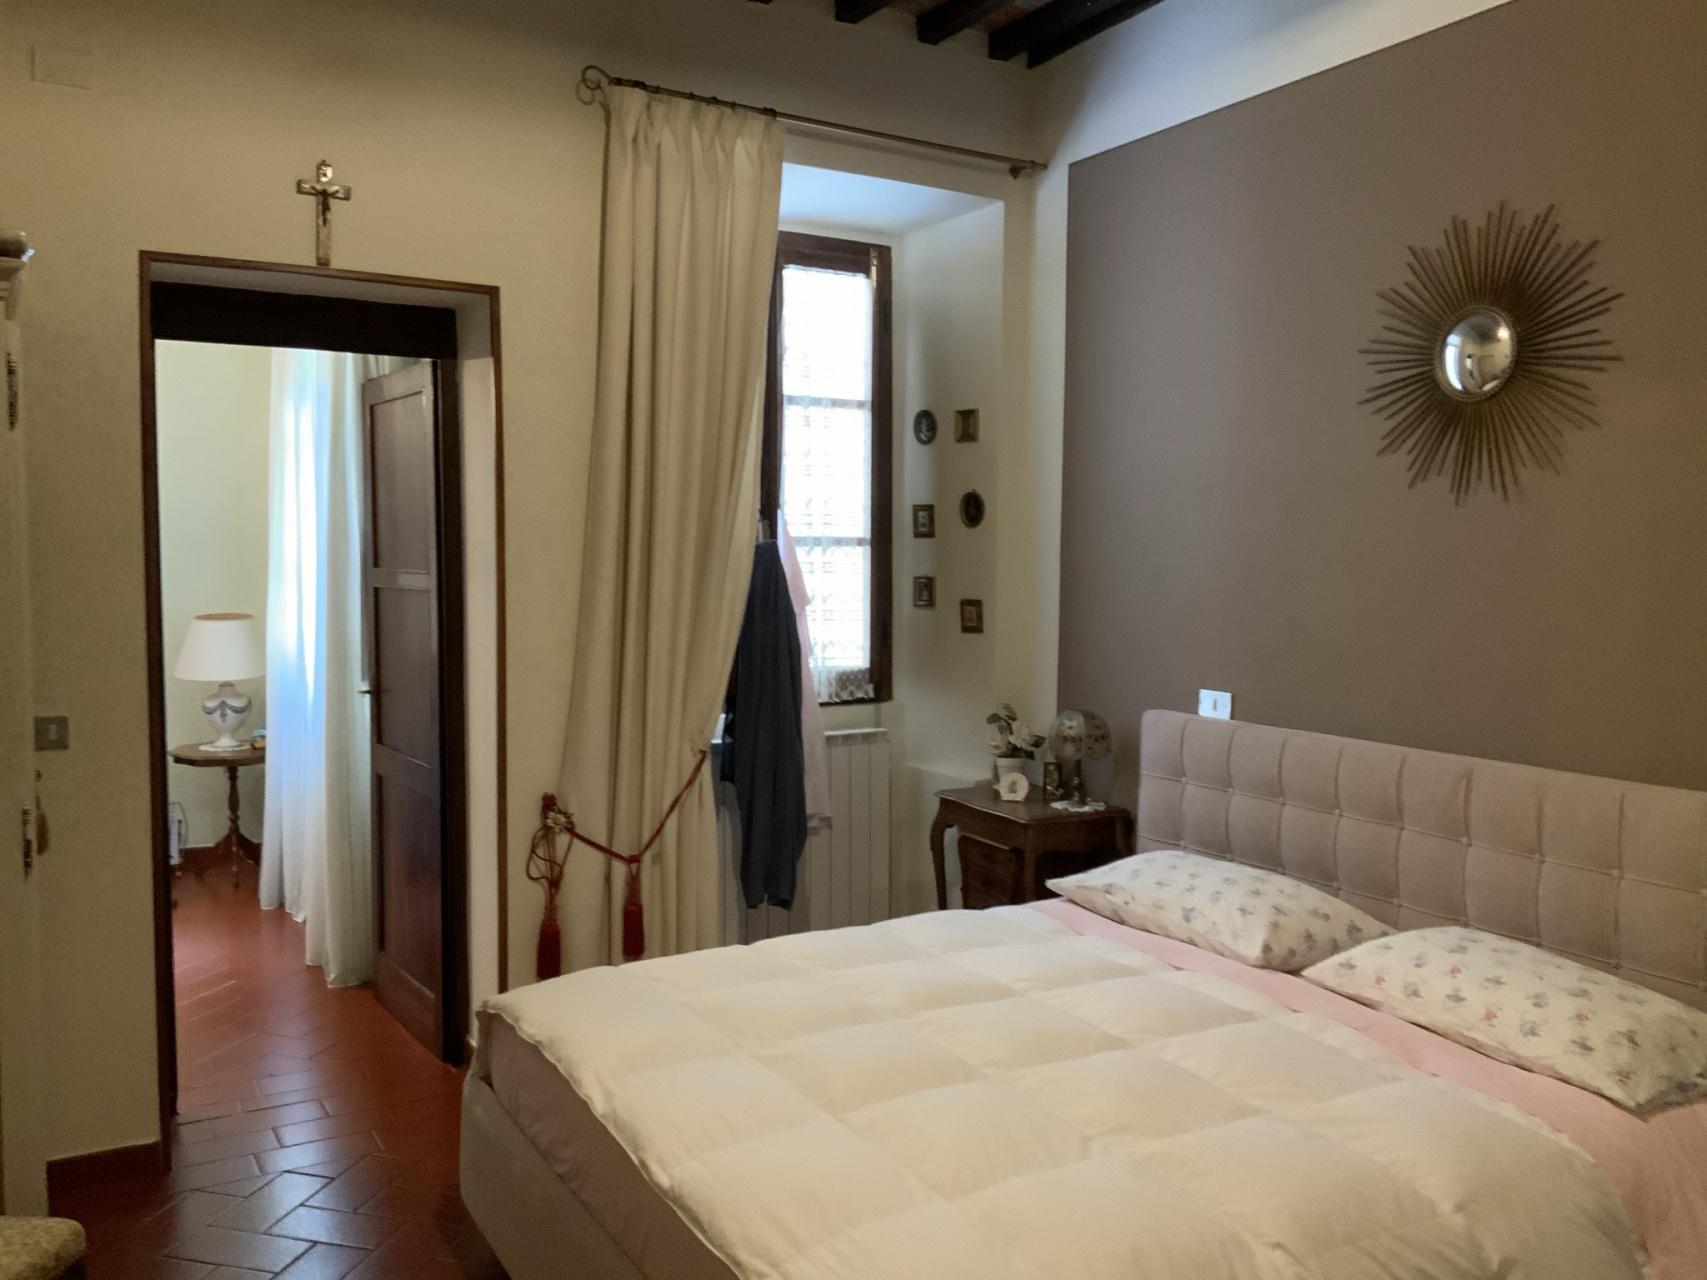 foto Appartamento ristrutturato con vista panoramica, Barga, Lucca.